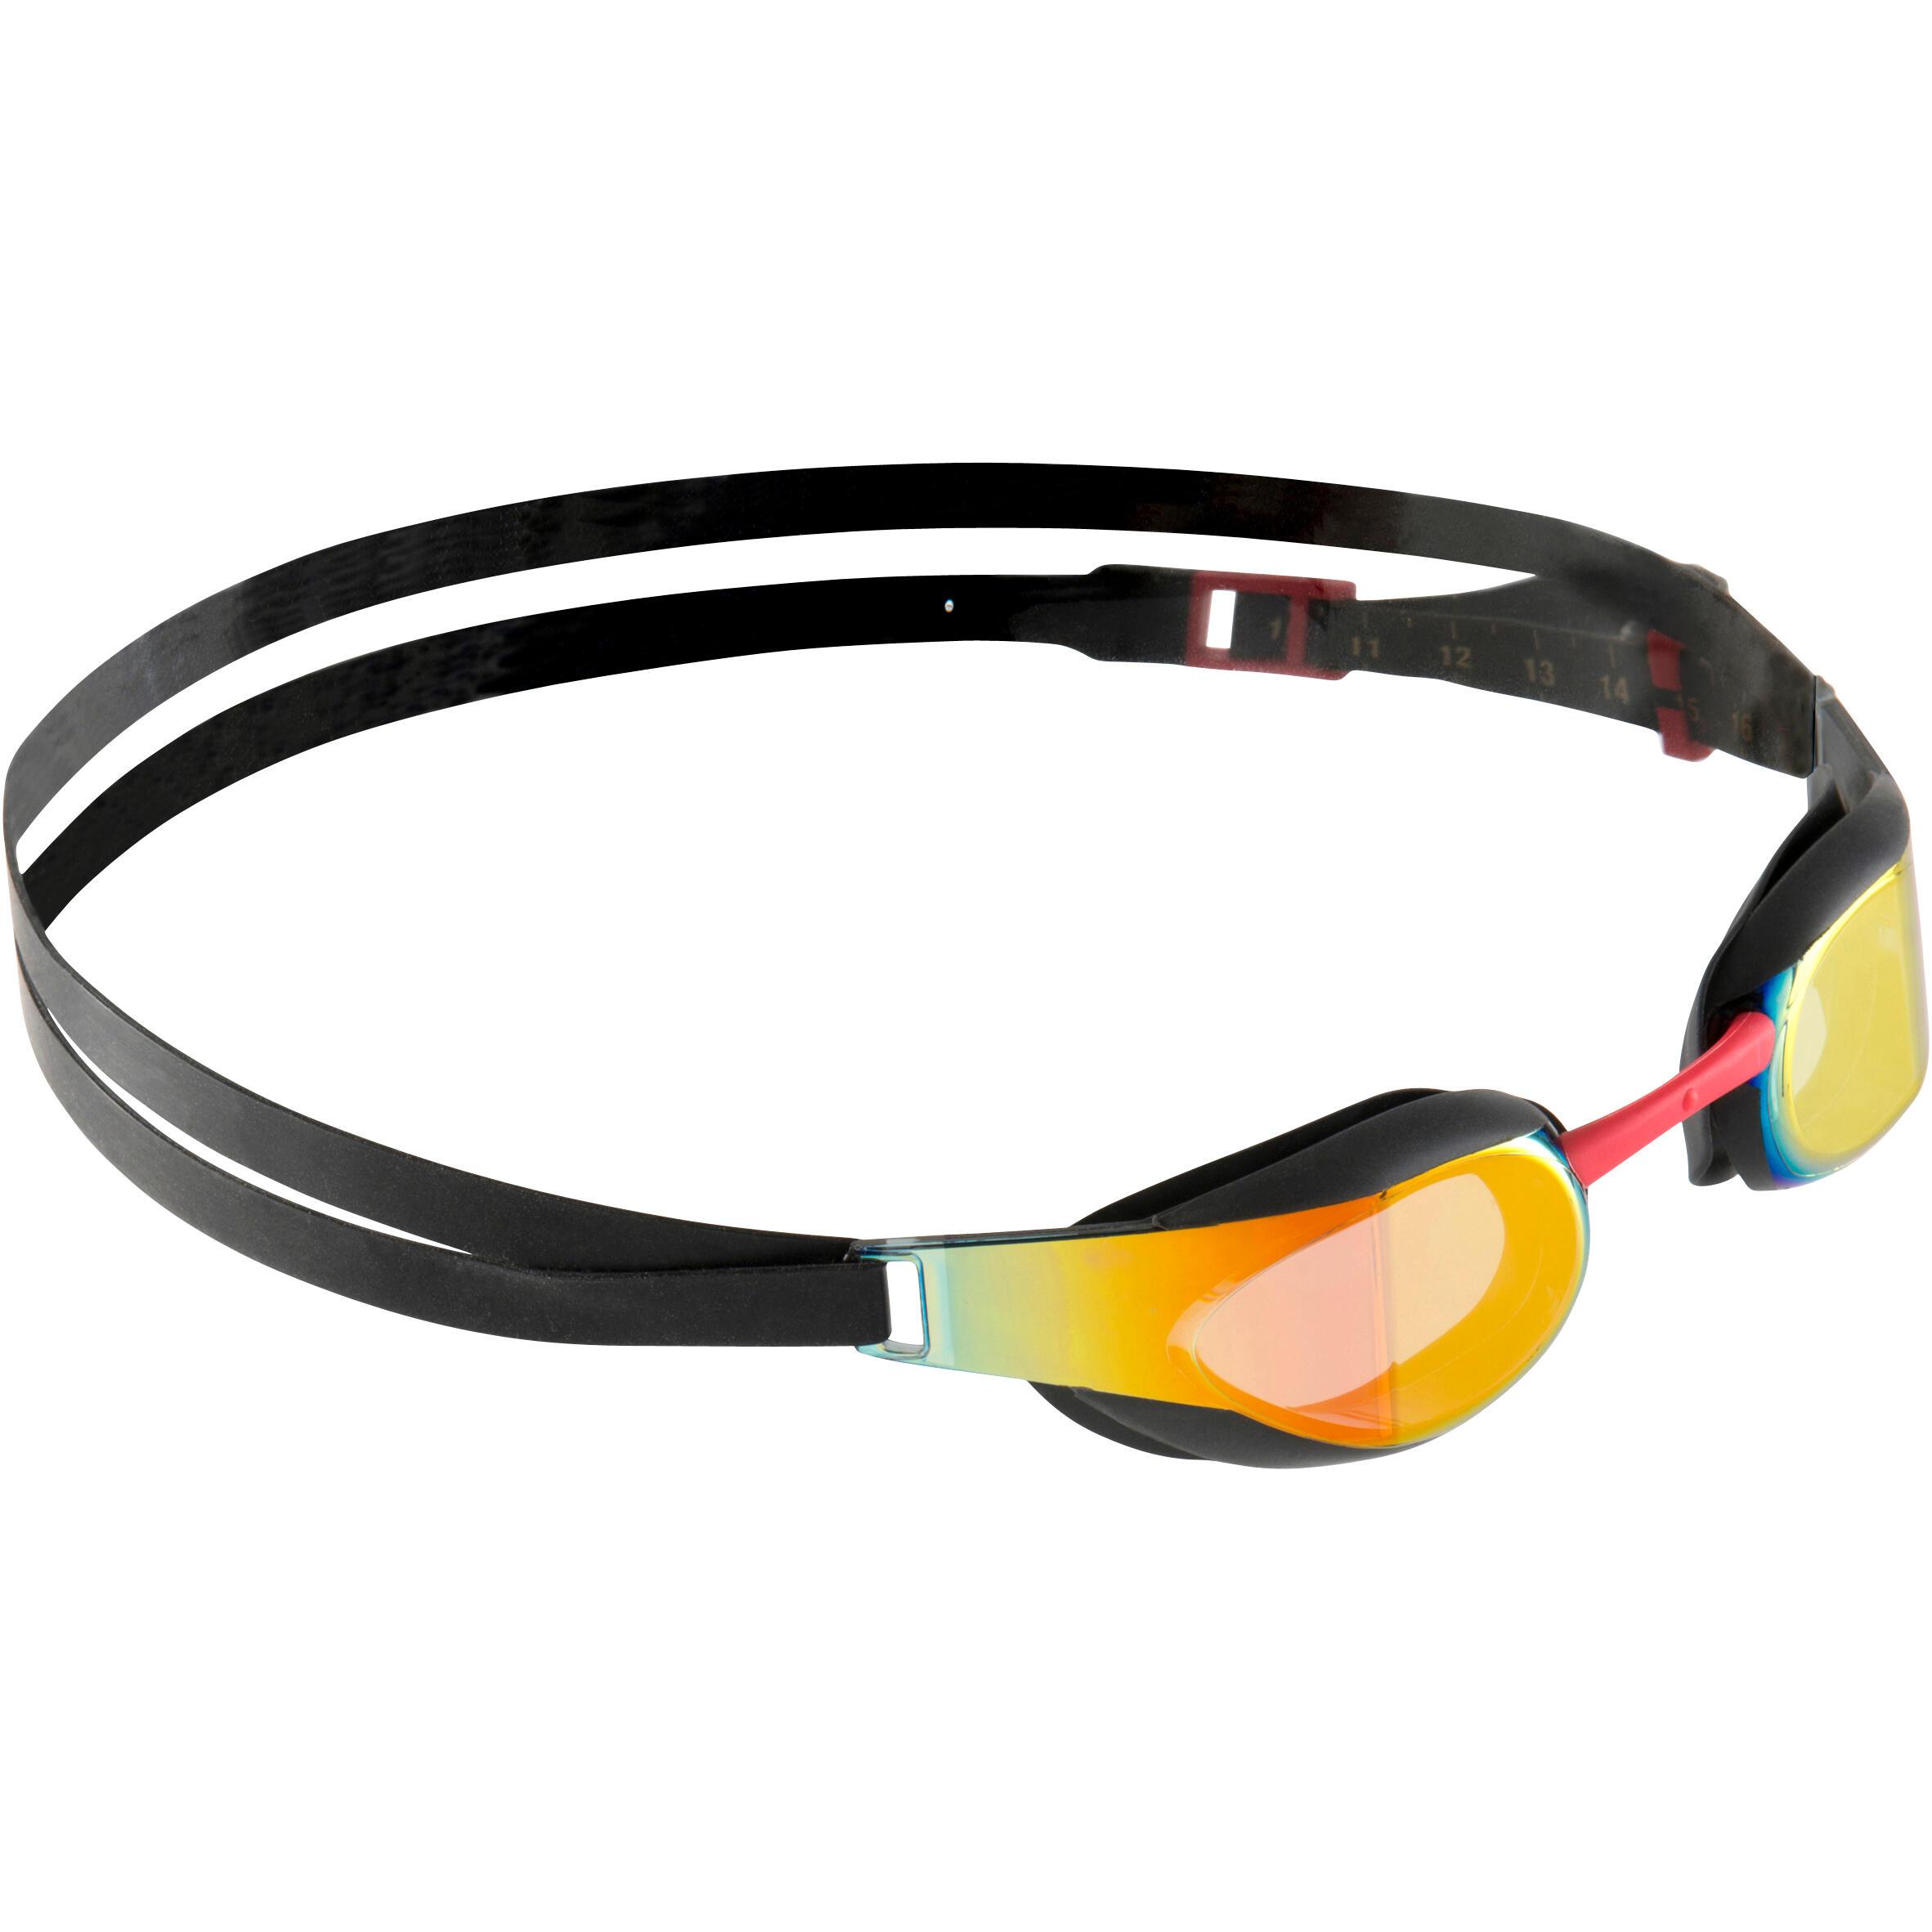 Speedo Zwembril Fastskin Elite spiegelglas zwart